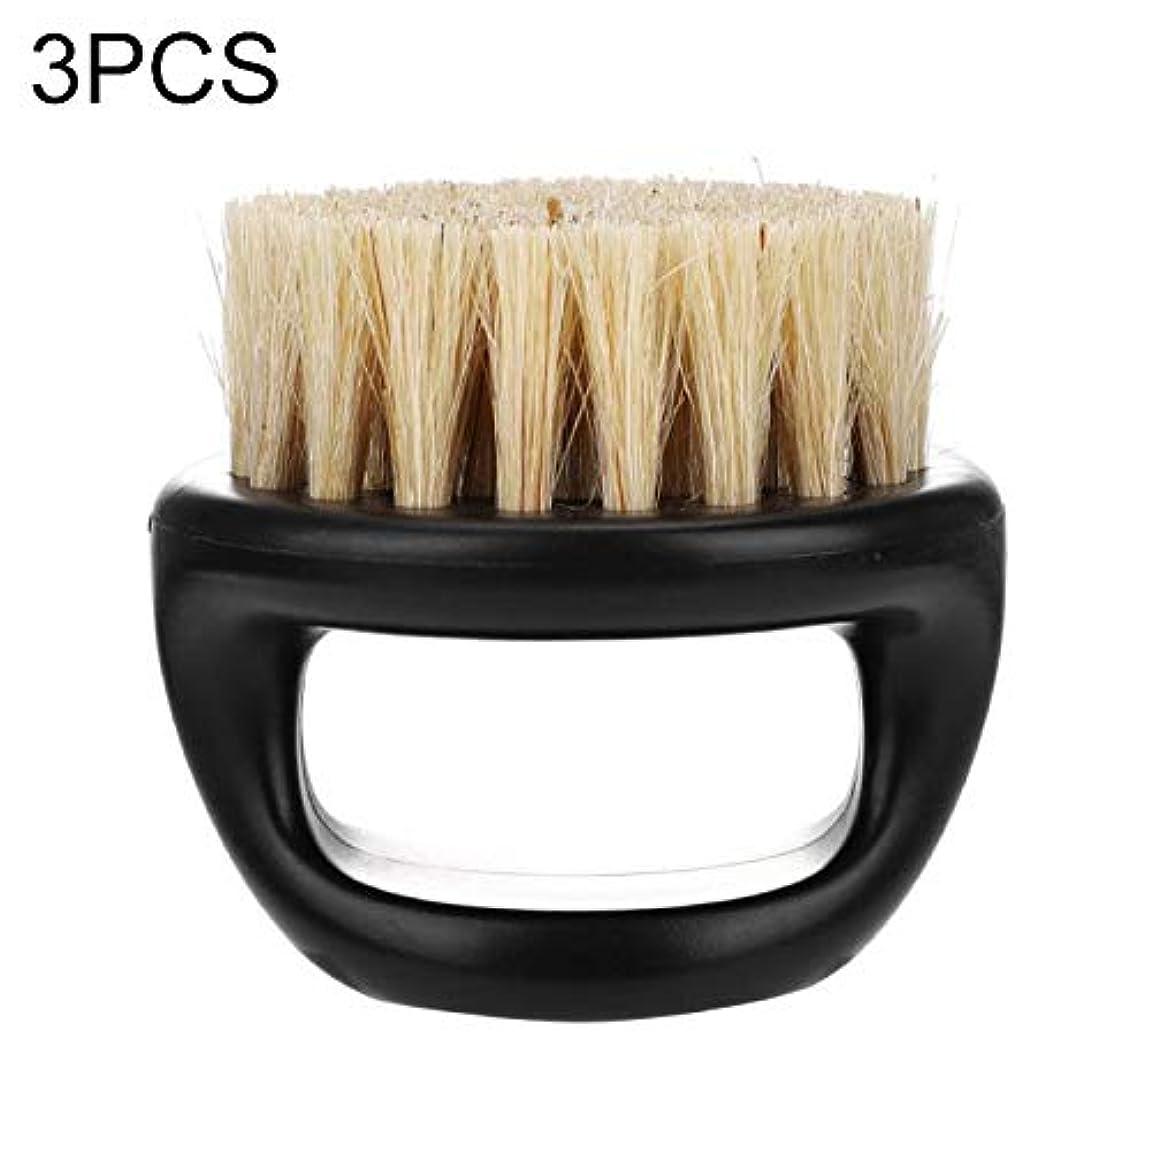 補償ペン戦うWTYD 美容ヘアツール 3 PCSメンズリングのデザインポータブルボアブラシブラックABSヘアカットクリーニングシェービングブラシ (色 : 白)